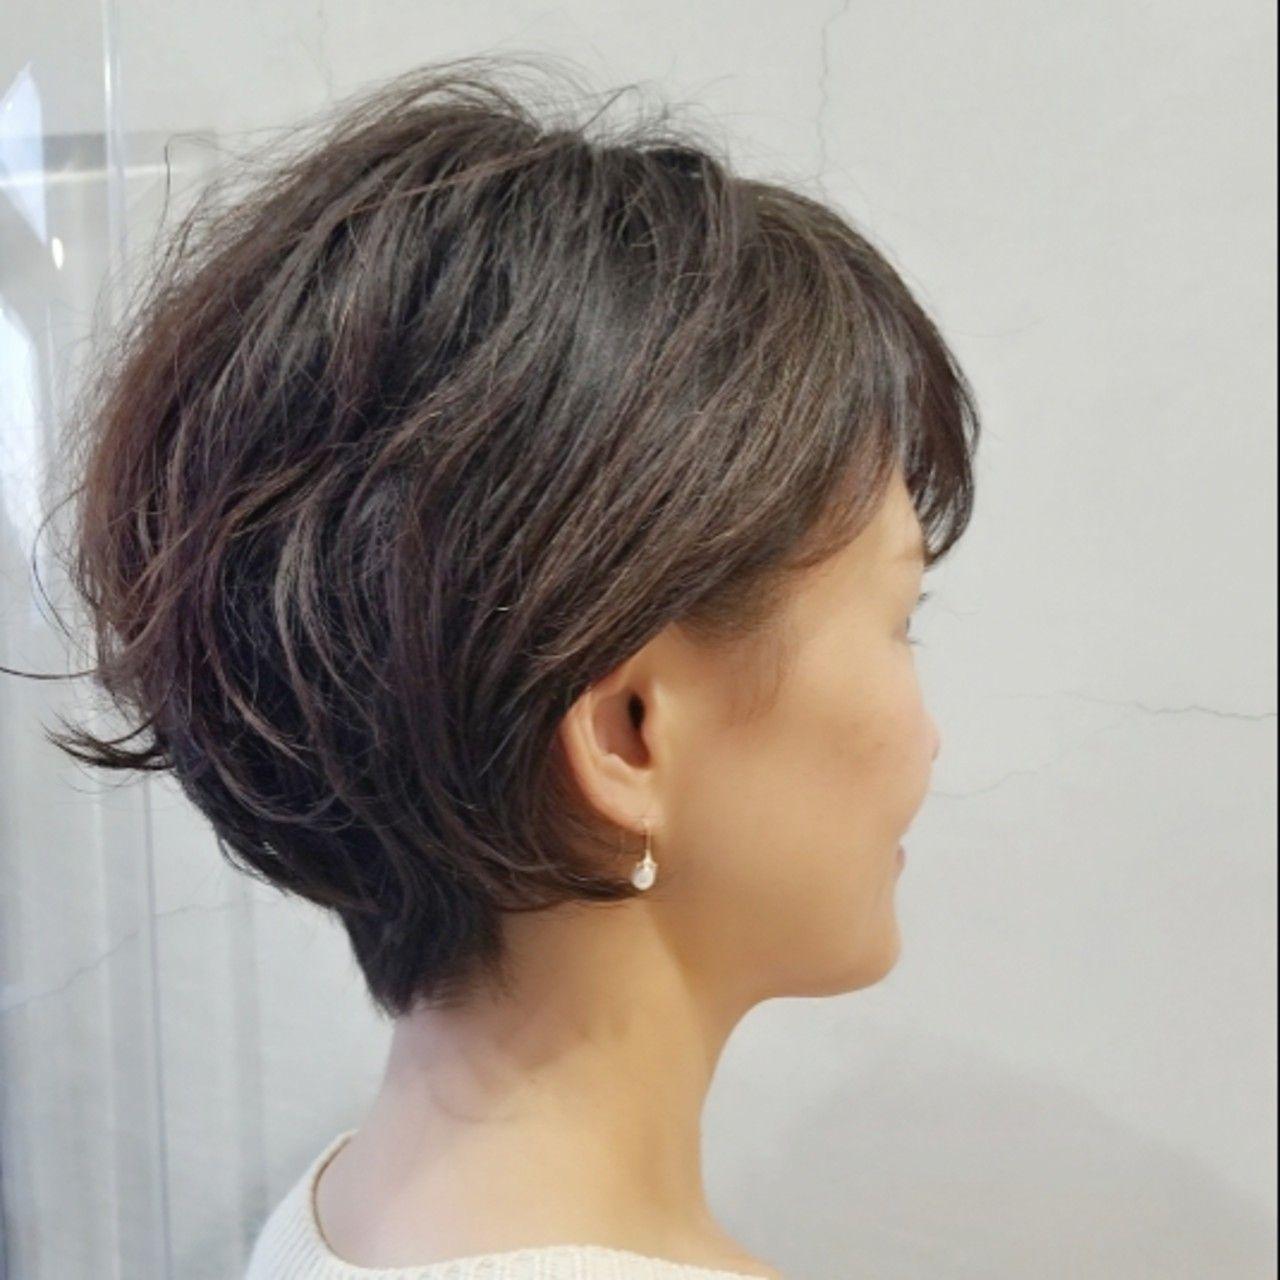 小顔補正立体カットでくせ毛を活かしたエレガント系のショートボブ